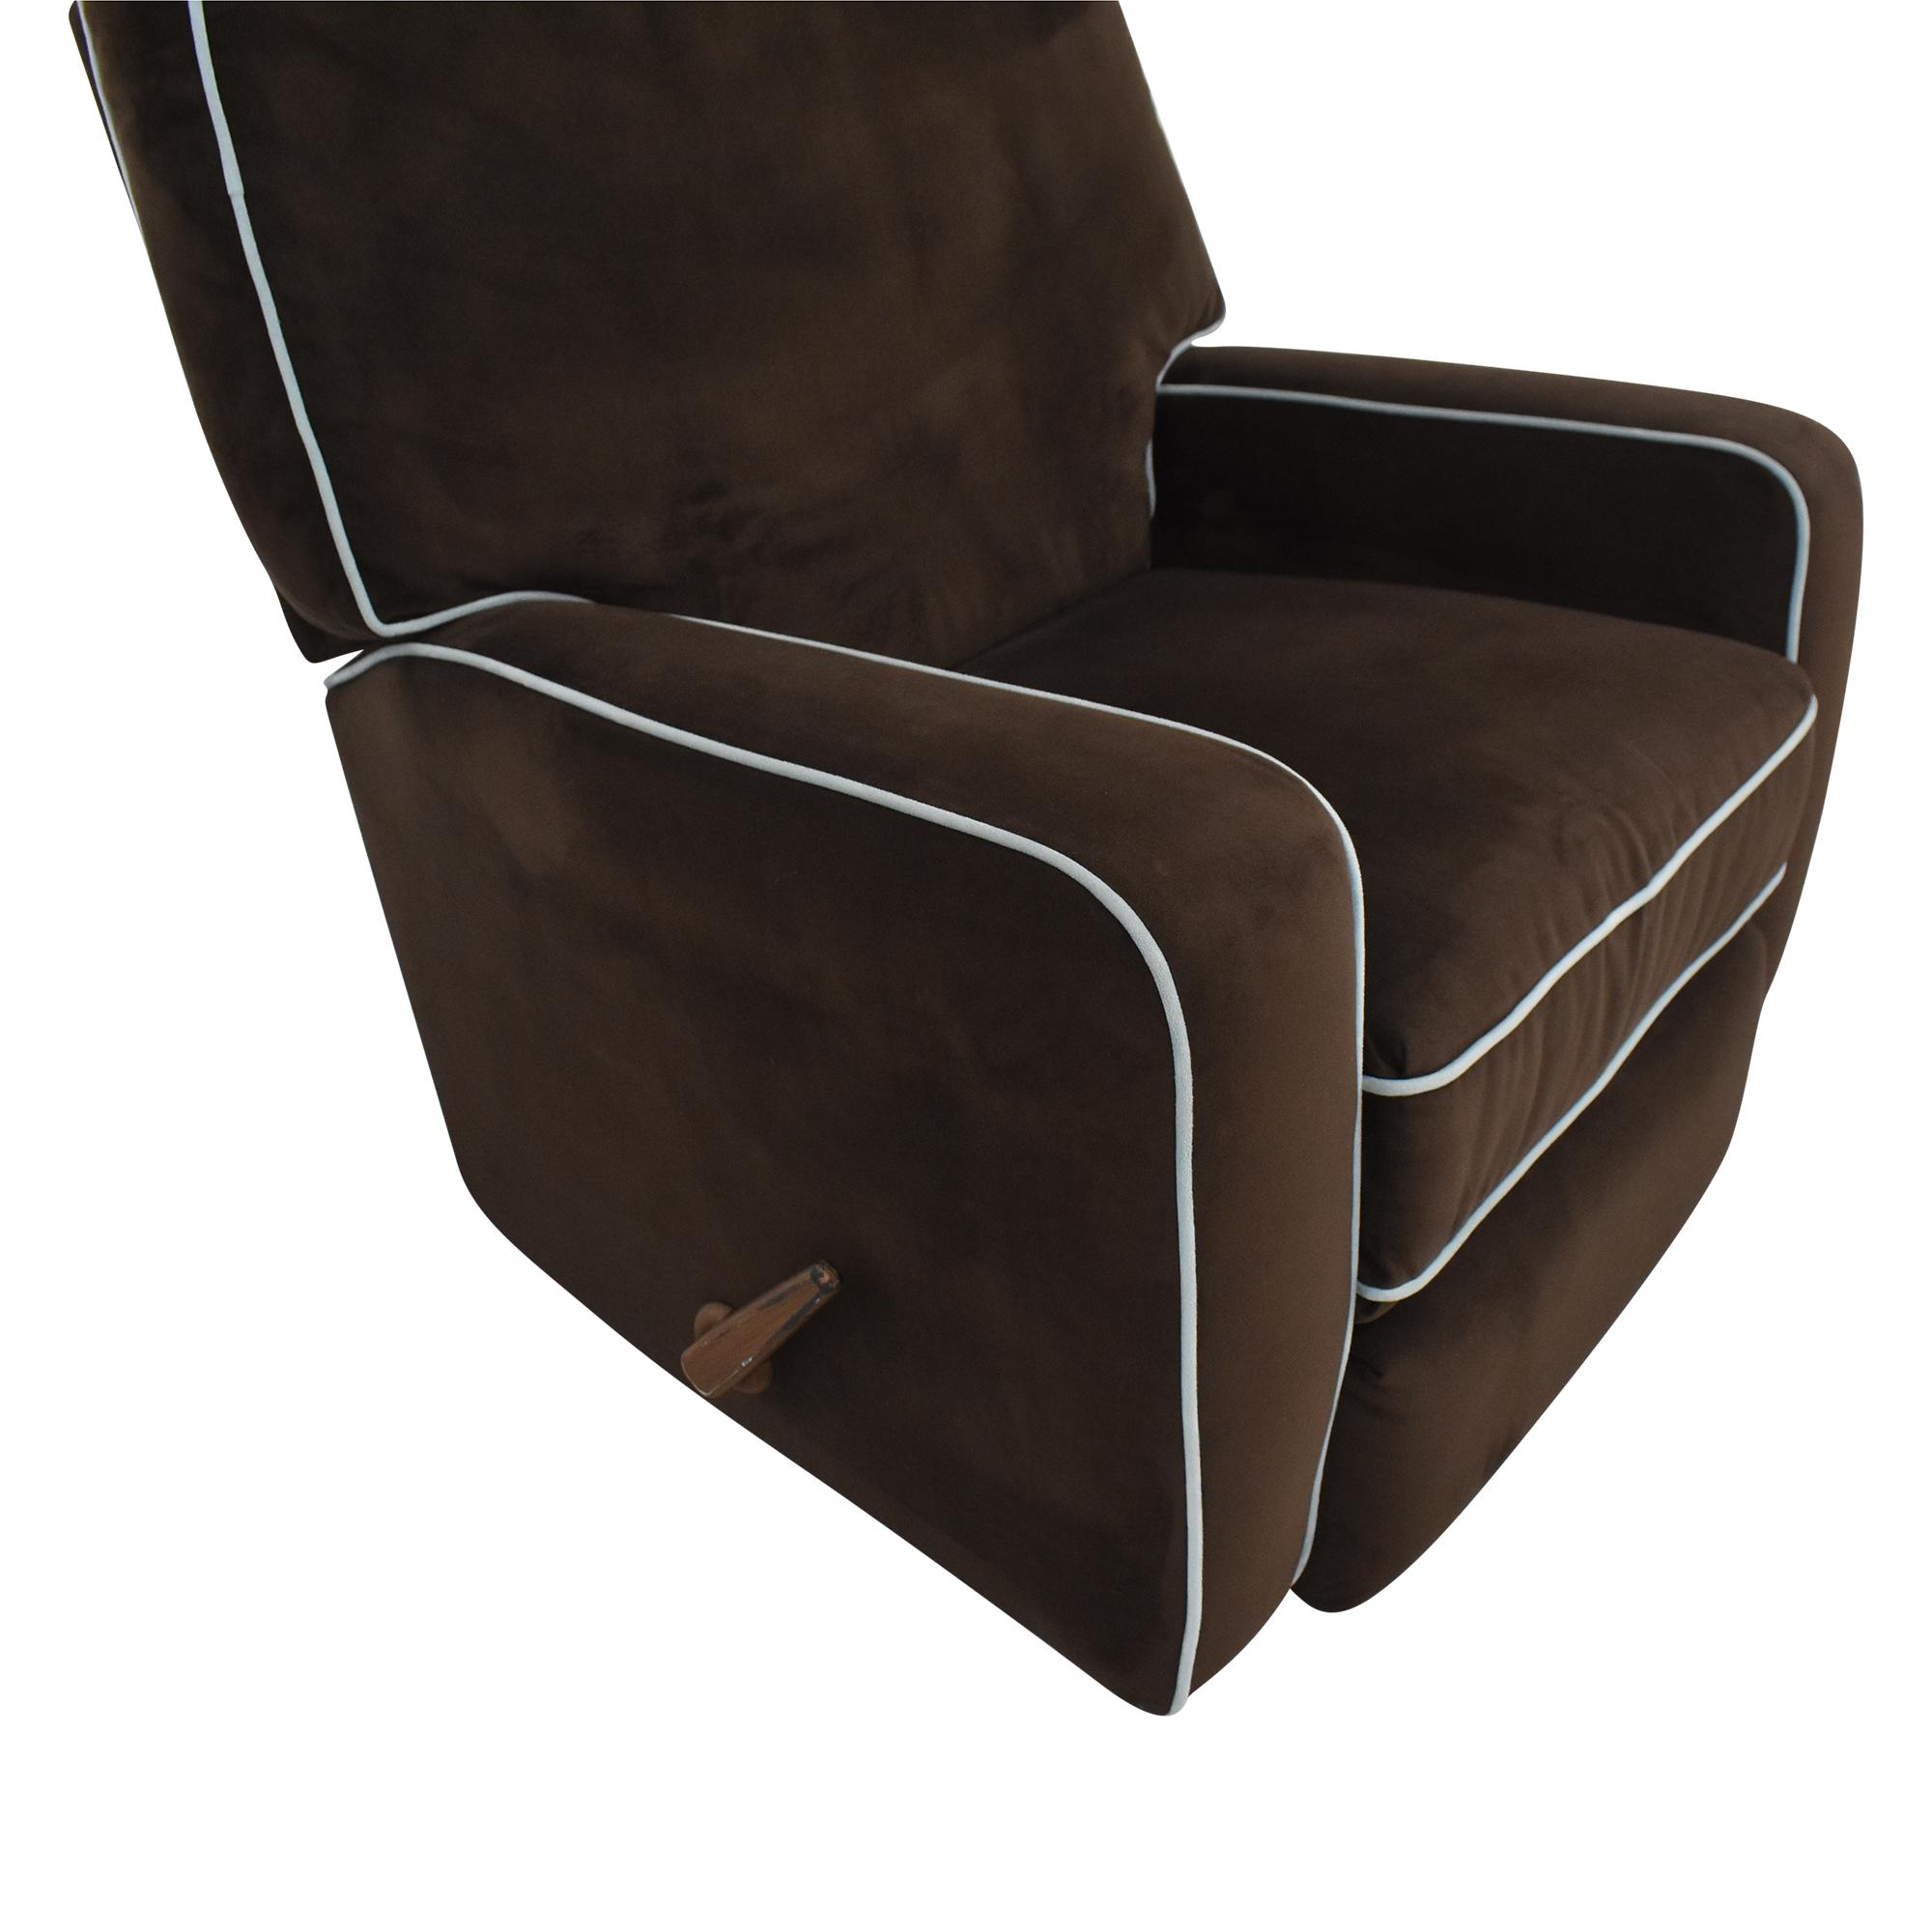 Best Chairs Bilana Swivel Glider Recliner Best Chairs